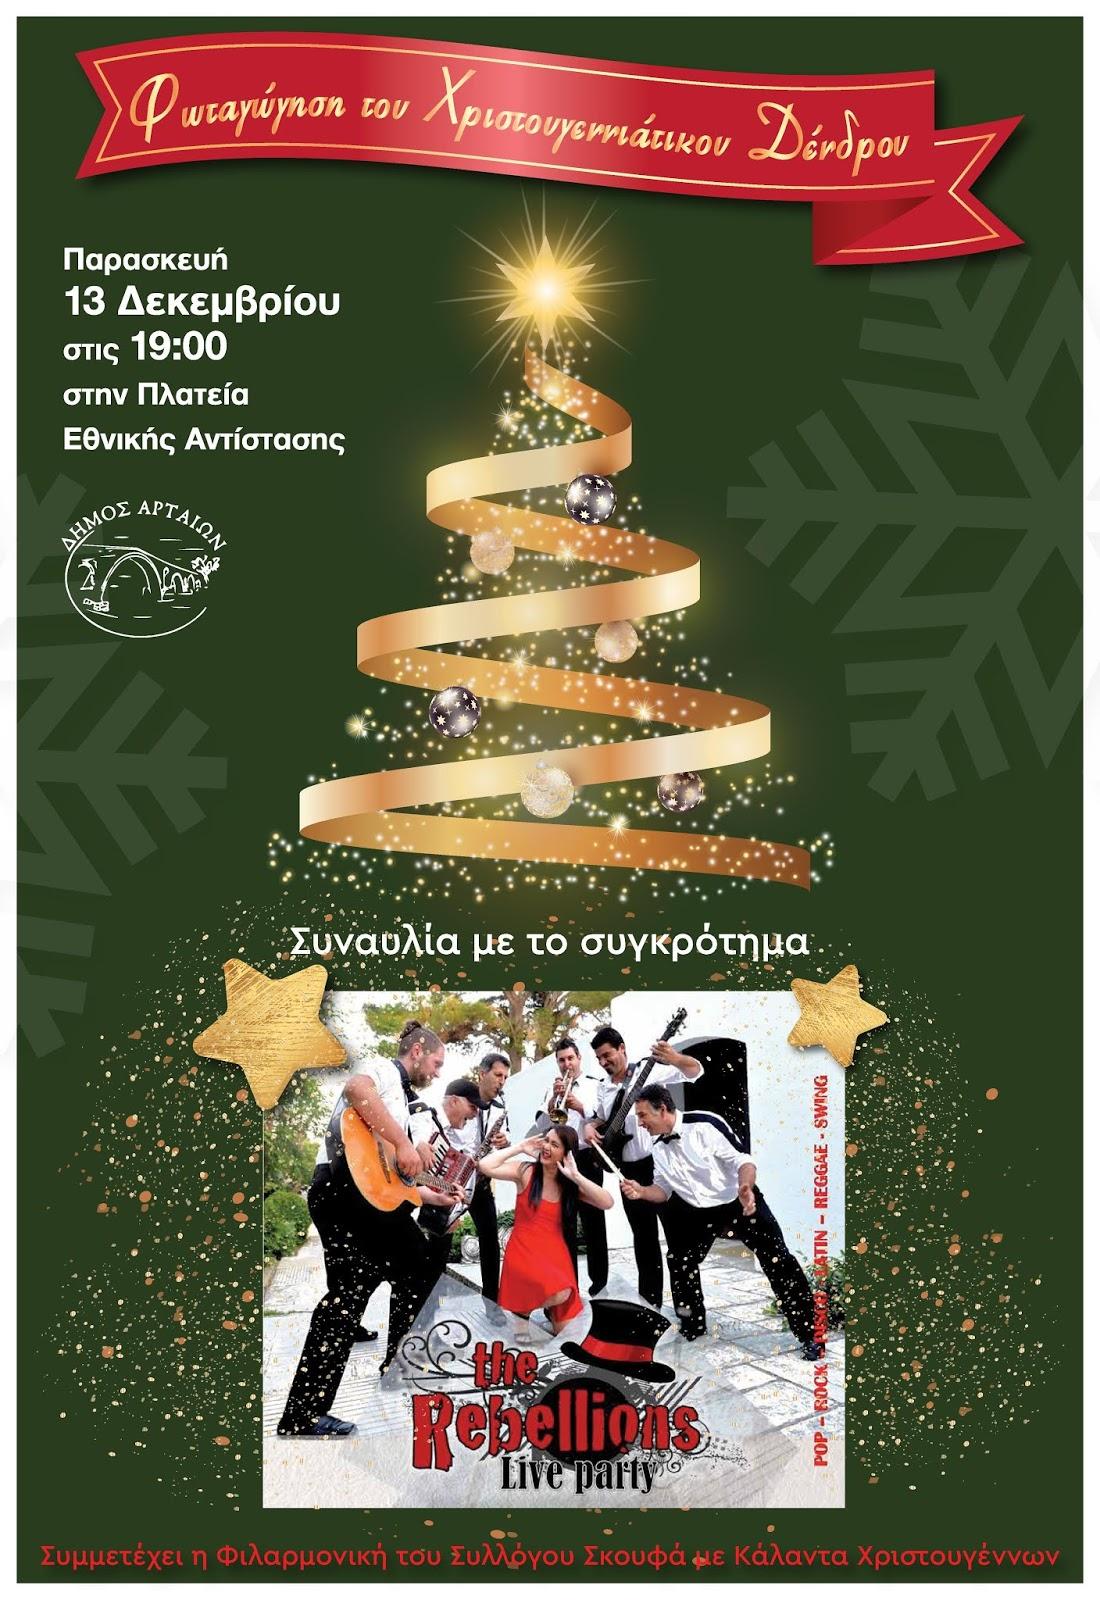 Tην Παρασκευή 13 Δεκεμβρίου  ανάβει το Χριστουγεννιάτικο Δέντρο η Άρτα!